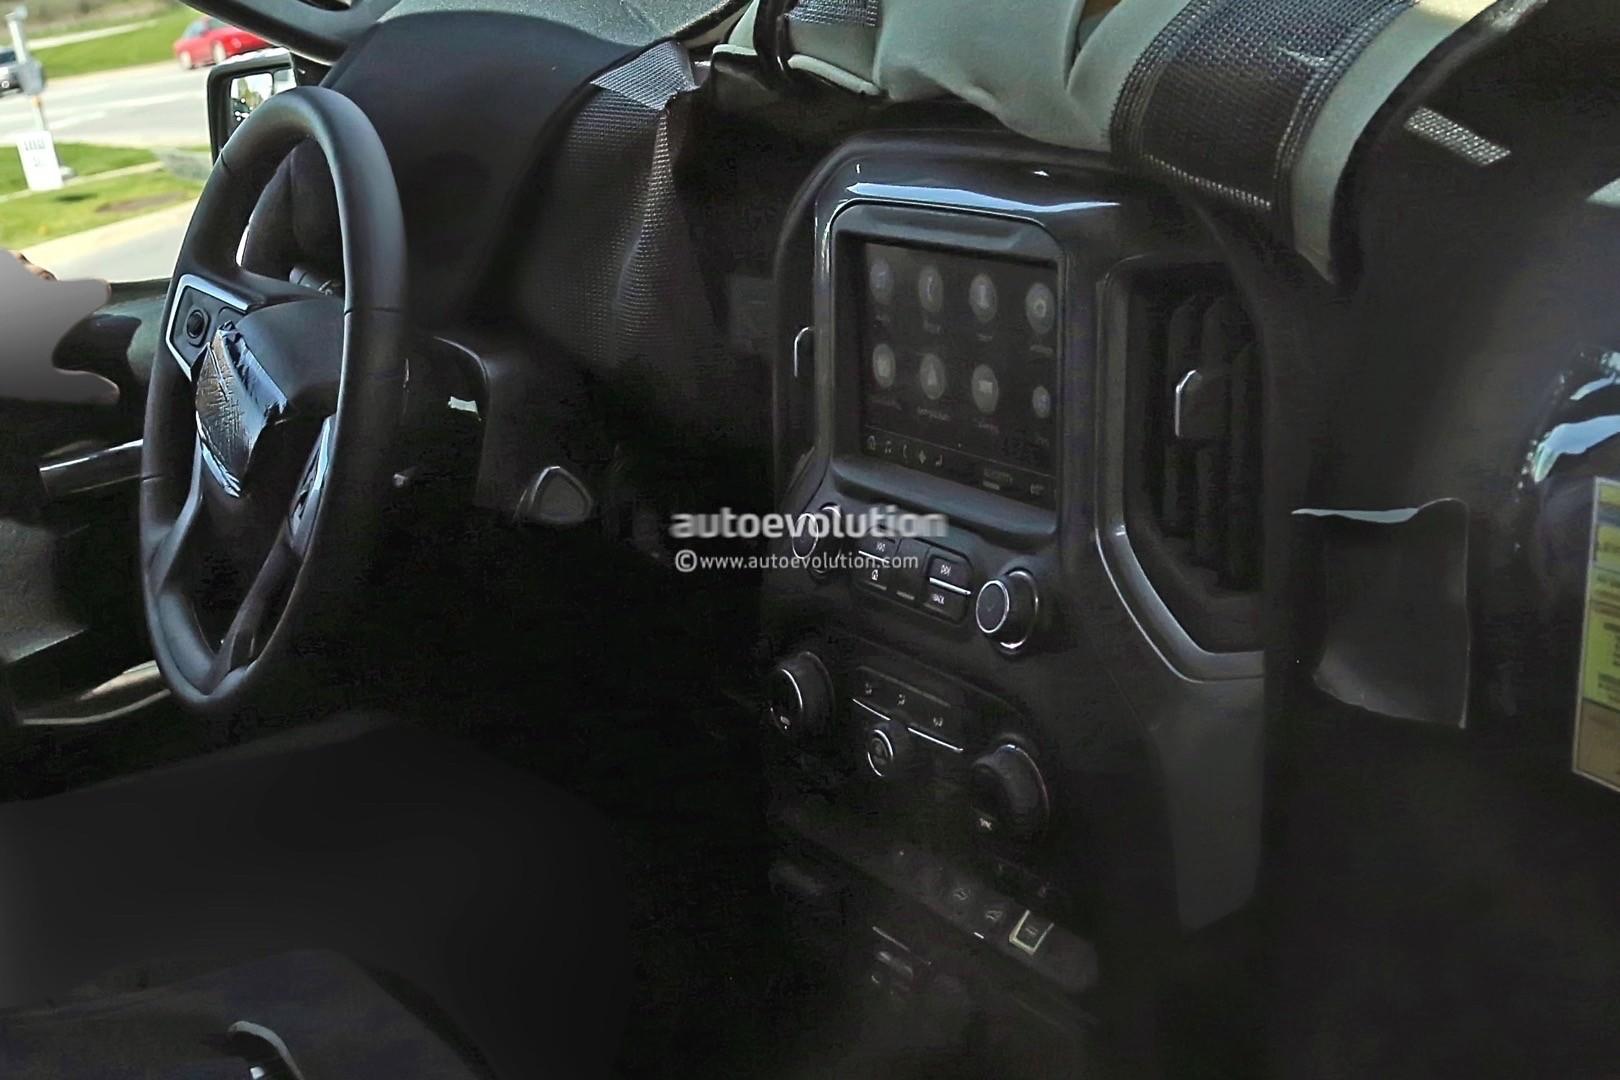 2018 - [Chevrolet / GMC] Silverado / Sierra 2019-chevy-silverado-spies_3